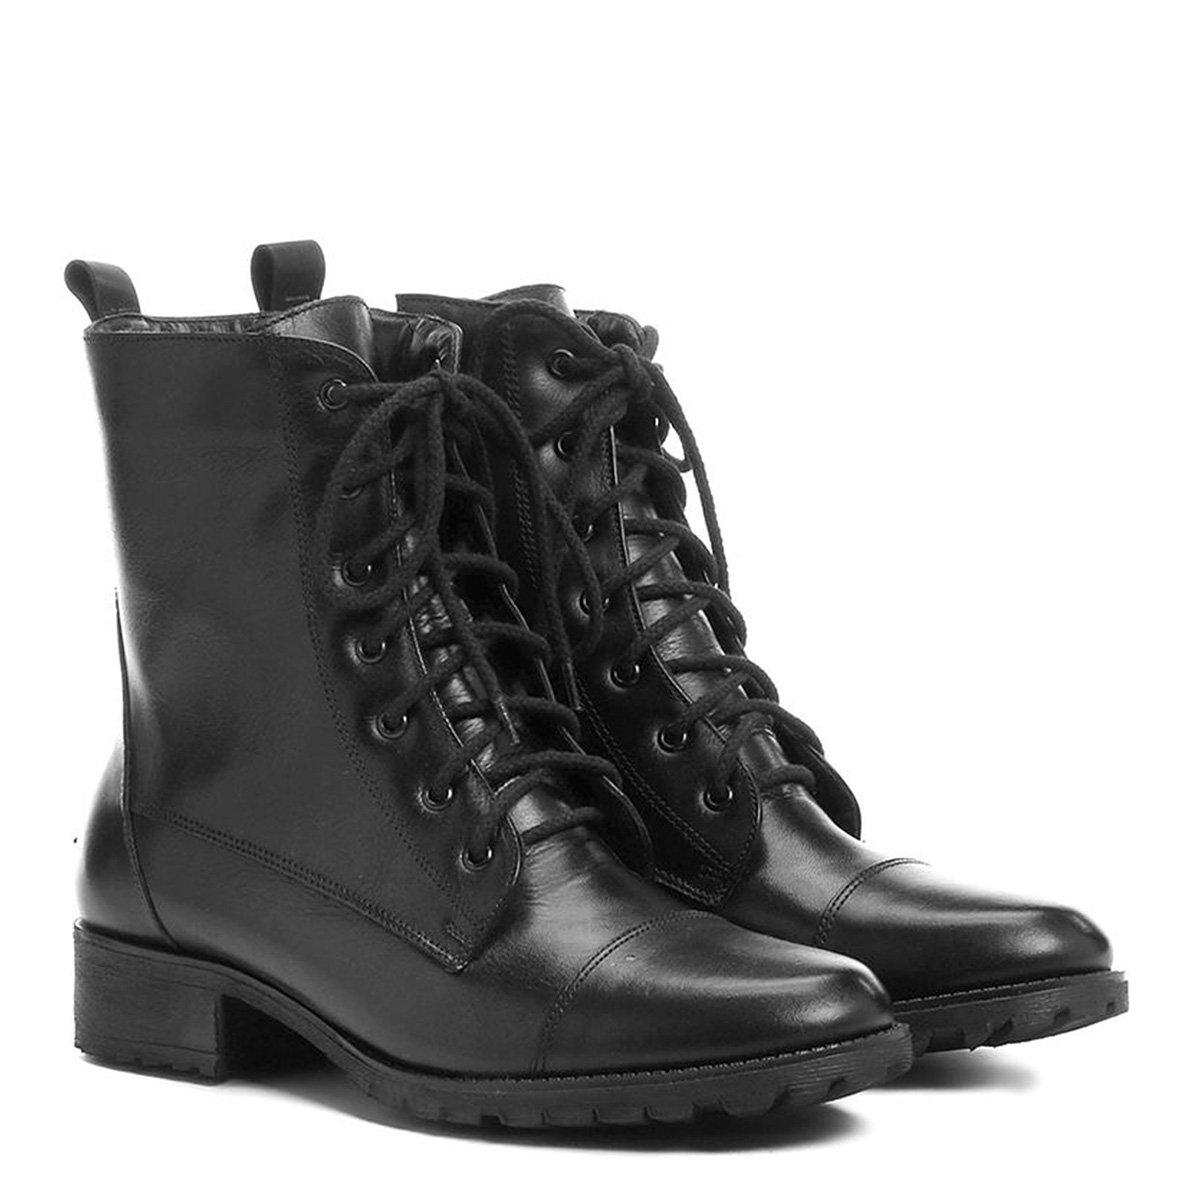 4cfe2b2ec8703 Coturno Shoestock Cadarço  Coturno Shoestock Cadarço ...